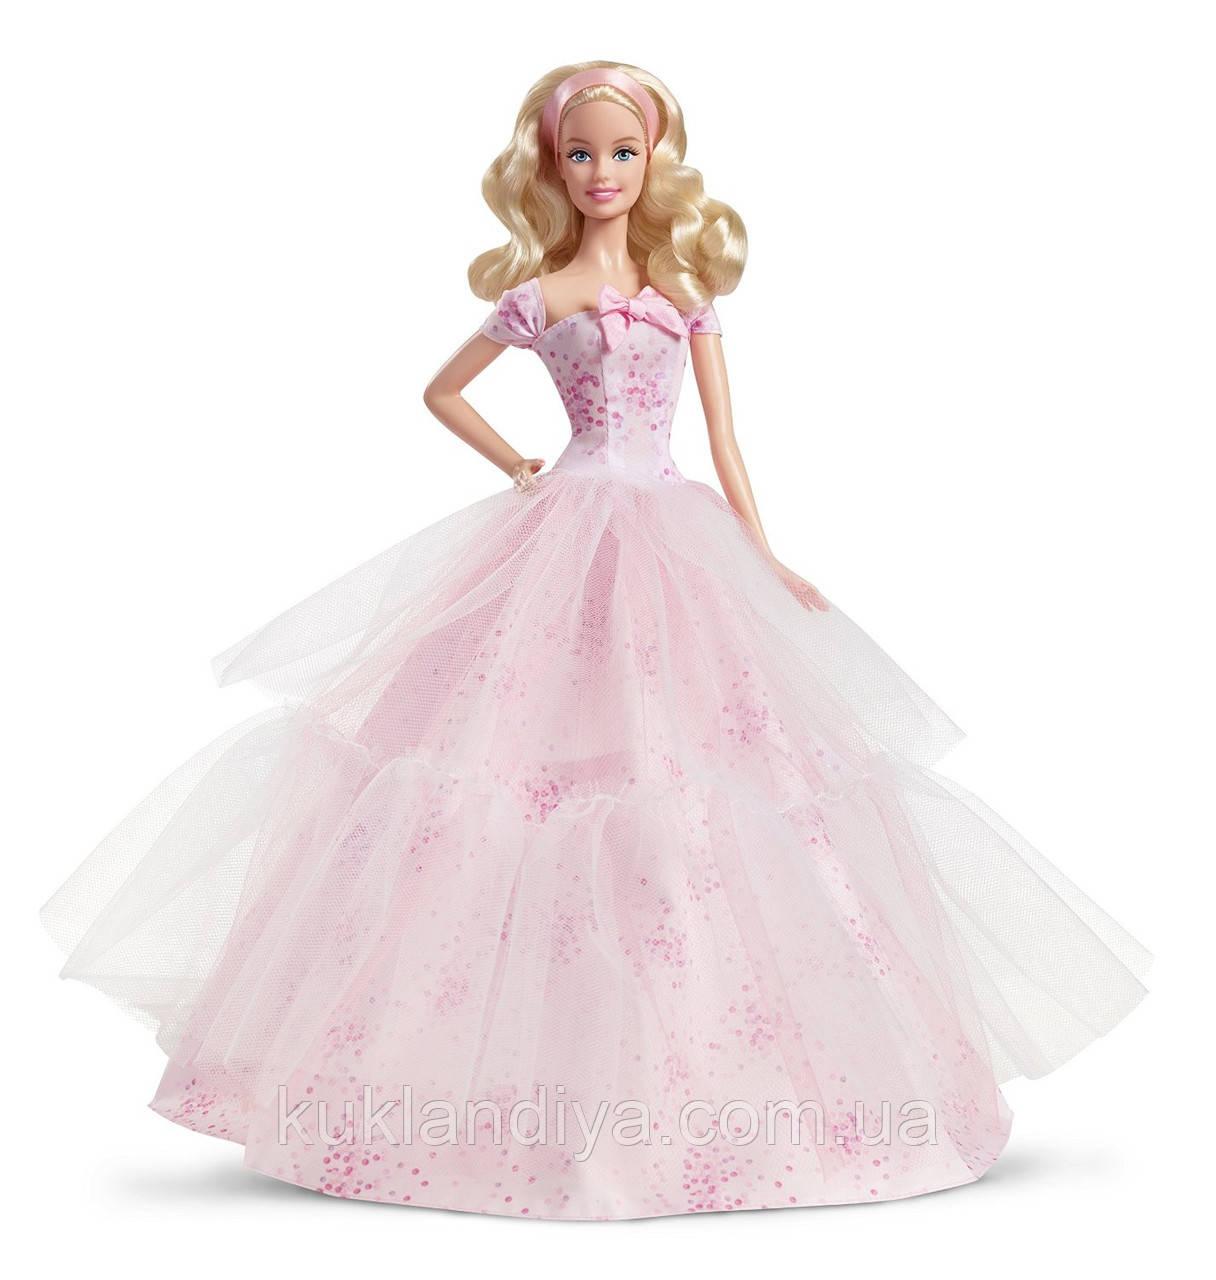 Лялька Barbie колекційна Особливий день народження 2016